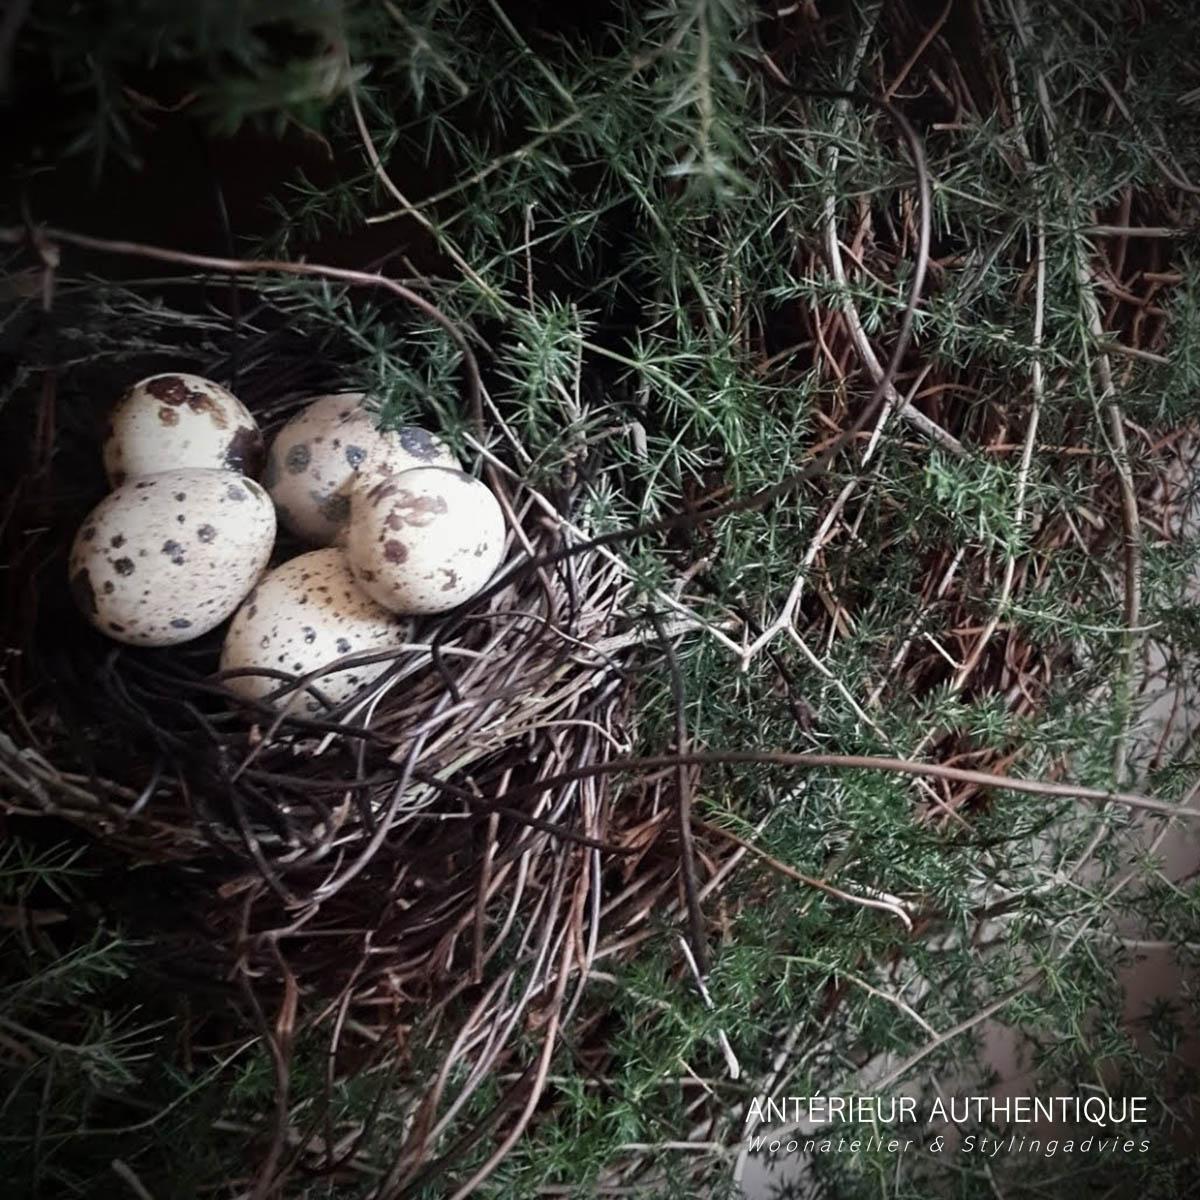 Close-up afbeelding van vogelnestje in krans wilde asparagus voor gebruik in webshop van Antérieur Authentique